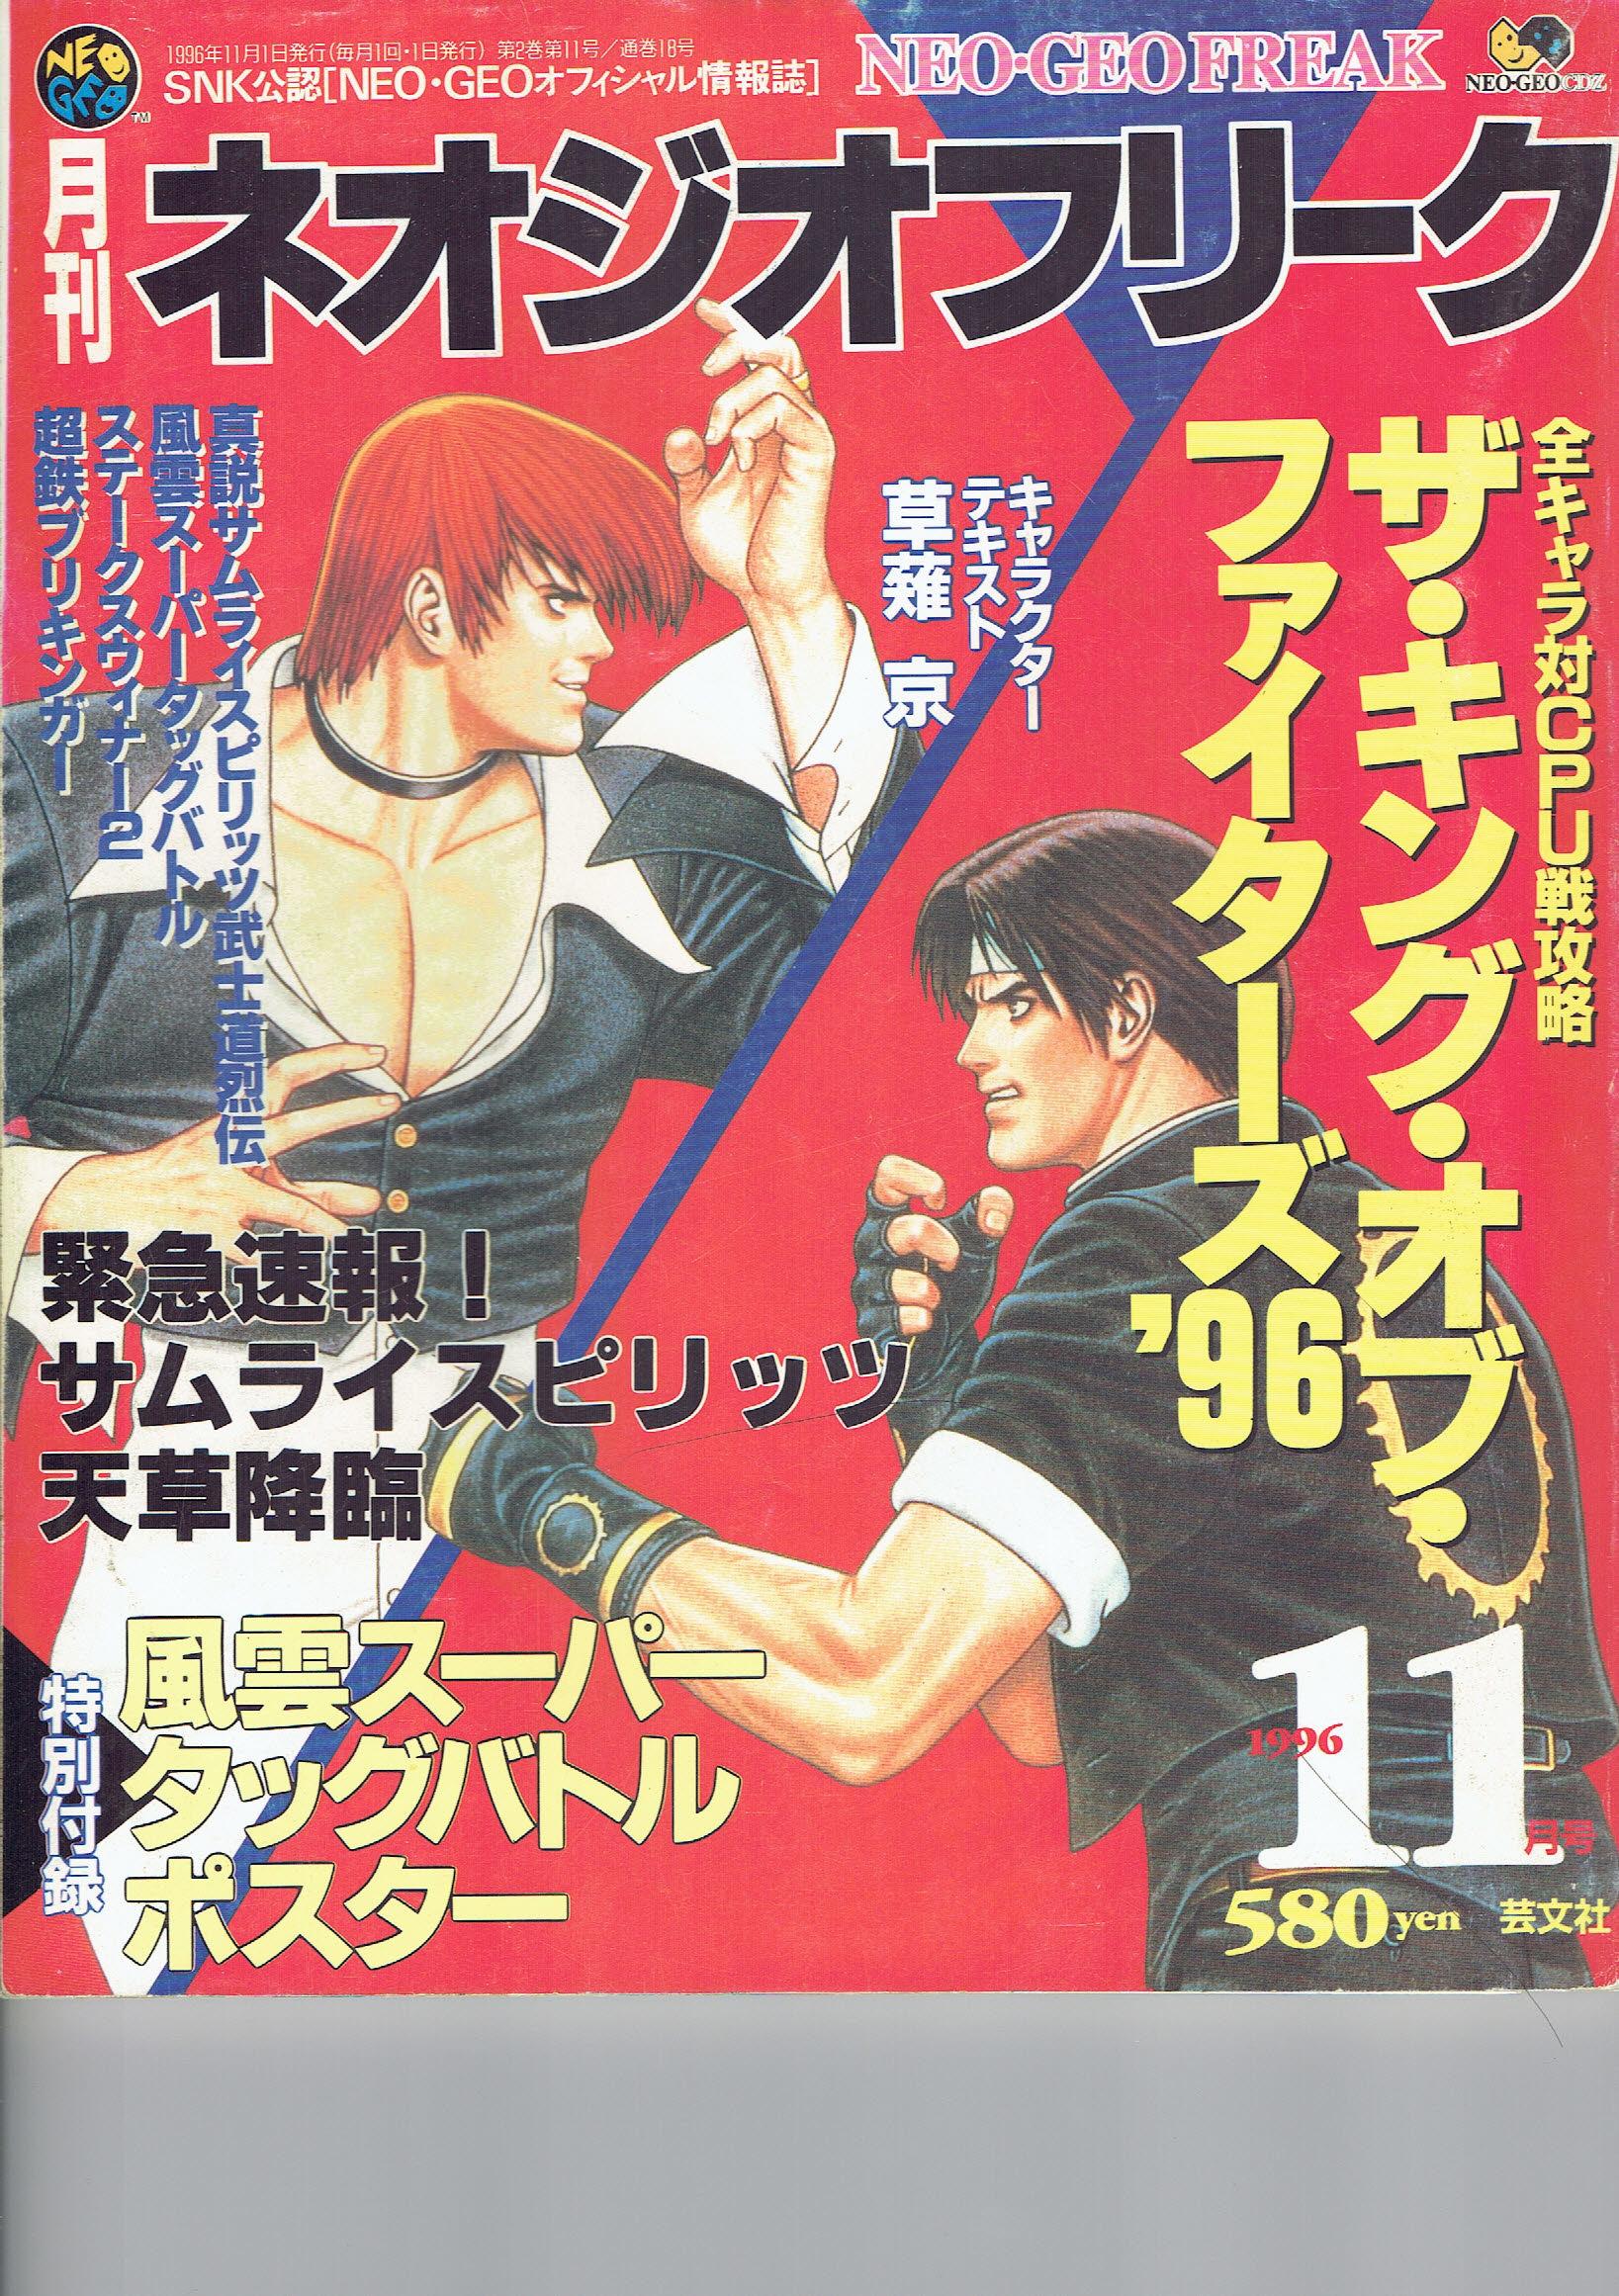 月刊 ネオジオフリーク 1996年11月号 SNK公認 NEO・GEOオフィシャル情報誌 芸文社 古書